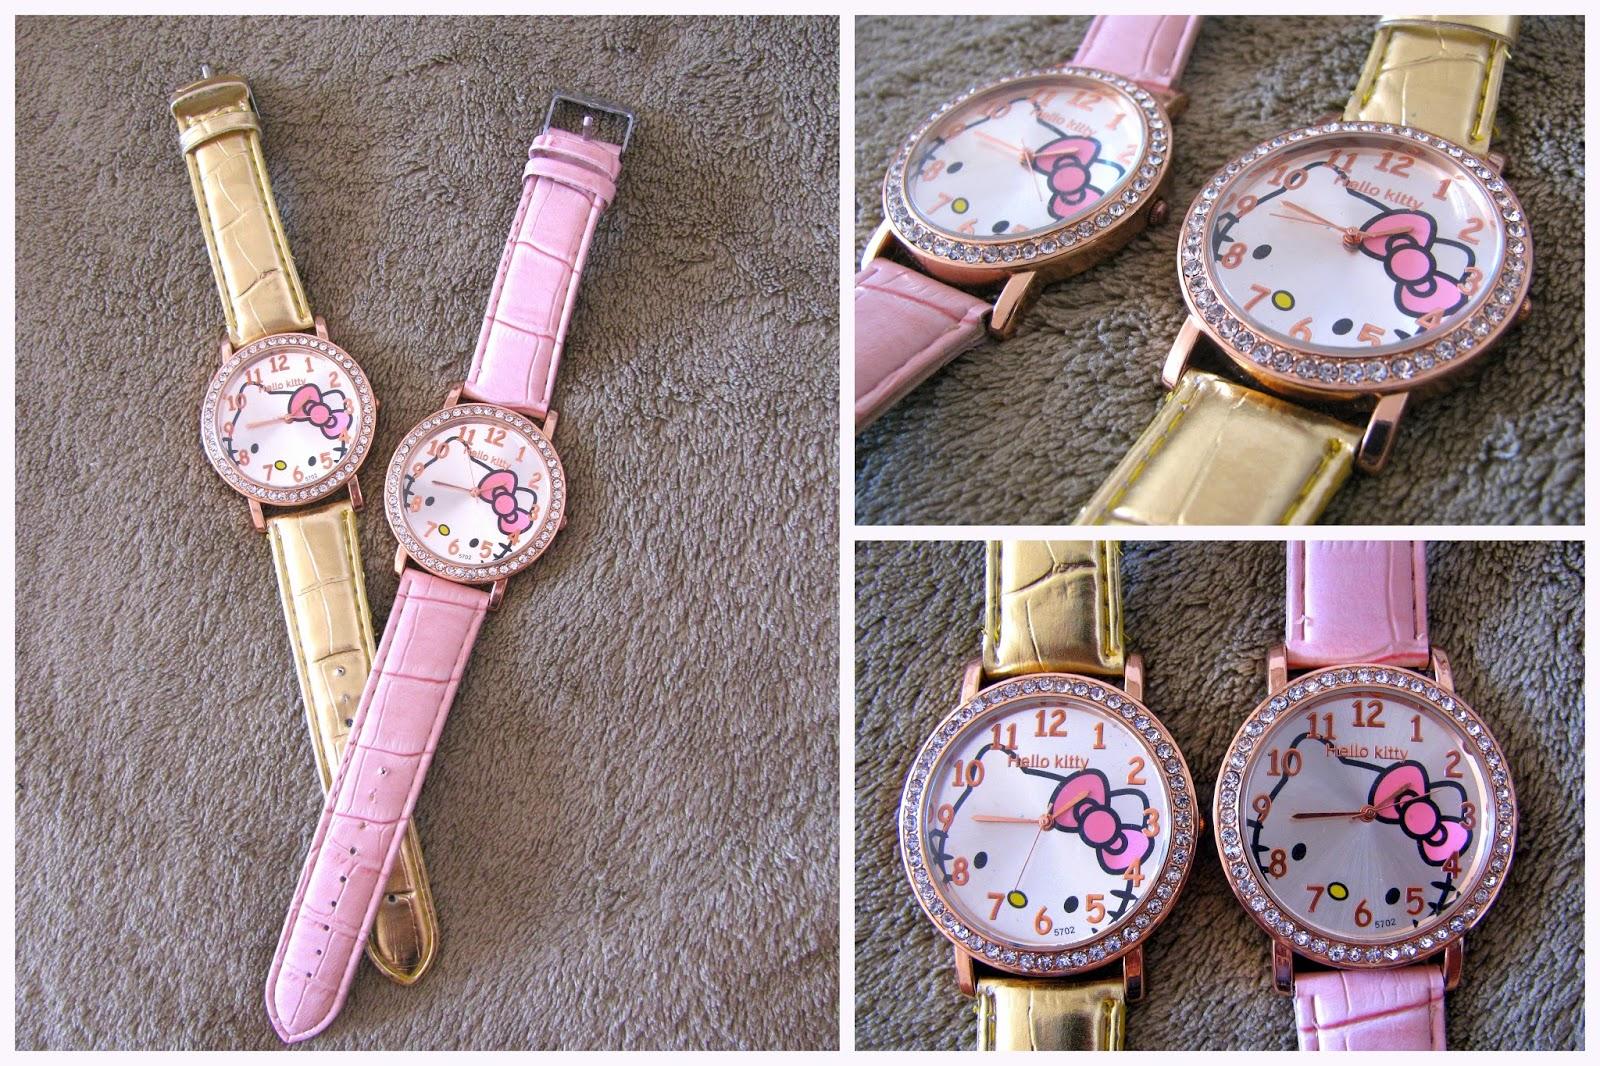 f0d1275e18e Siin on minu kellad. Kõik on väga kenad ja oma hinda väärt. Keskmiselt olid  hinnaks 3-7 dollarit.